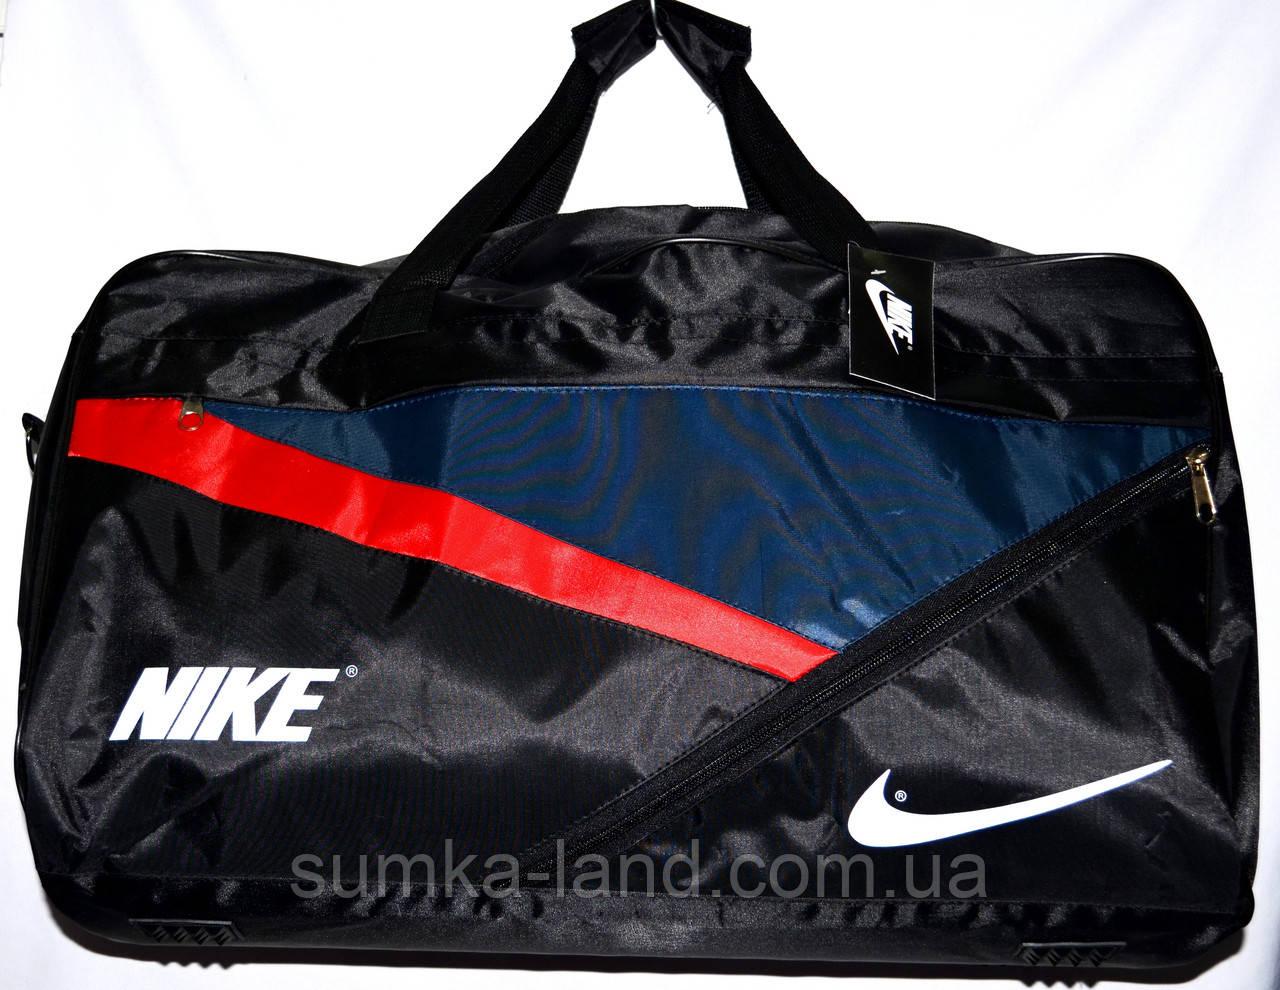 879f8bae692a Спортивные дорожные сумки маленькие 47х30 (ассортимент), цена 227 грн.,  купить в Харькове — Prom.ua (ID#525918733)